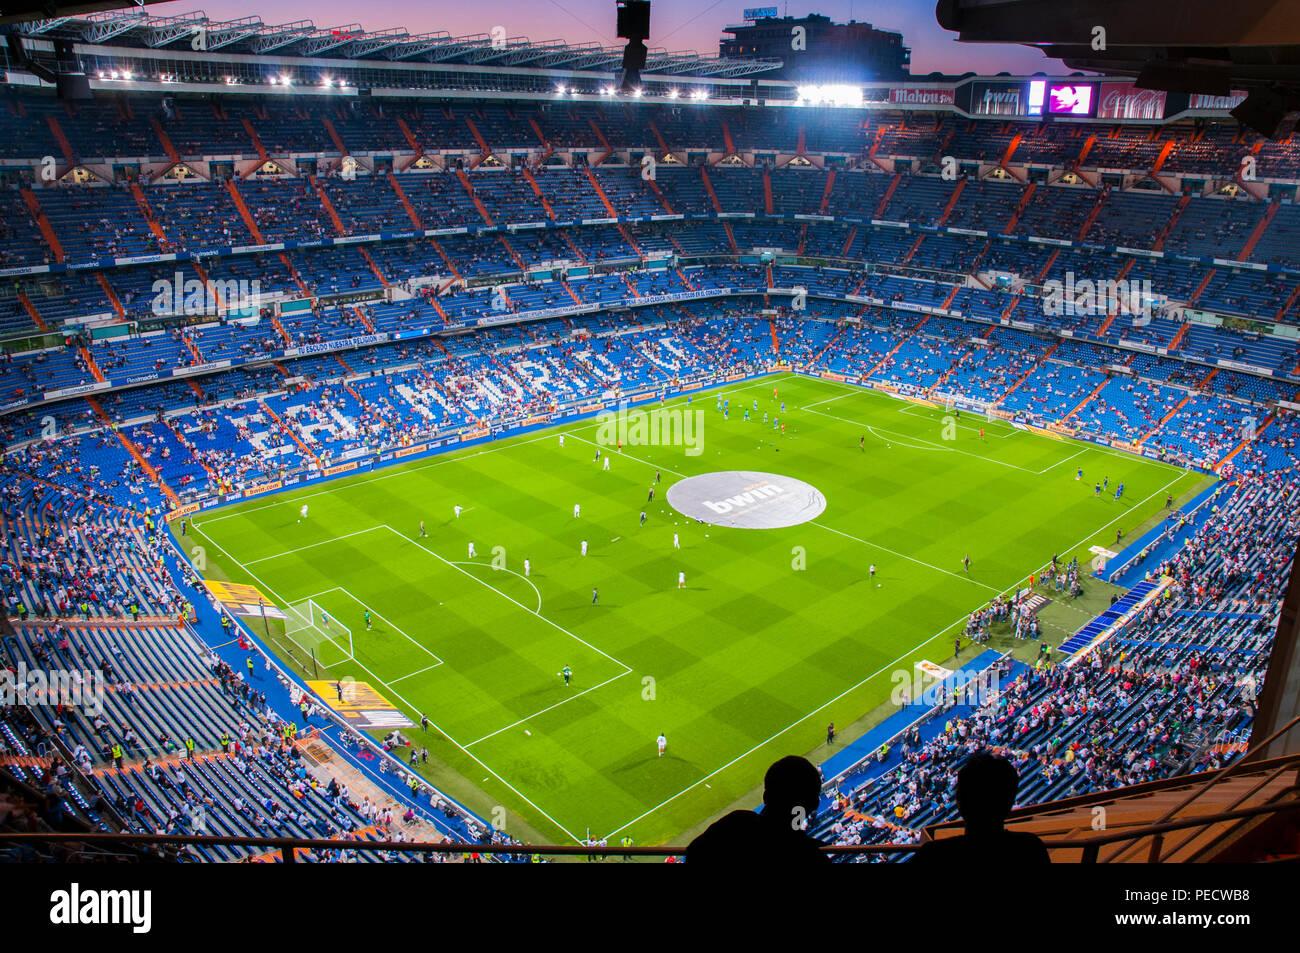 Santiago Bernabeu Stadium Während Eines Fußballspiels Nacht Madrid Spanien Stockfotografie Alamy